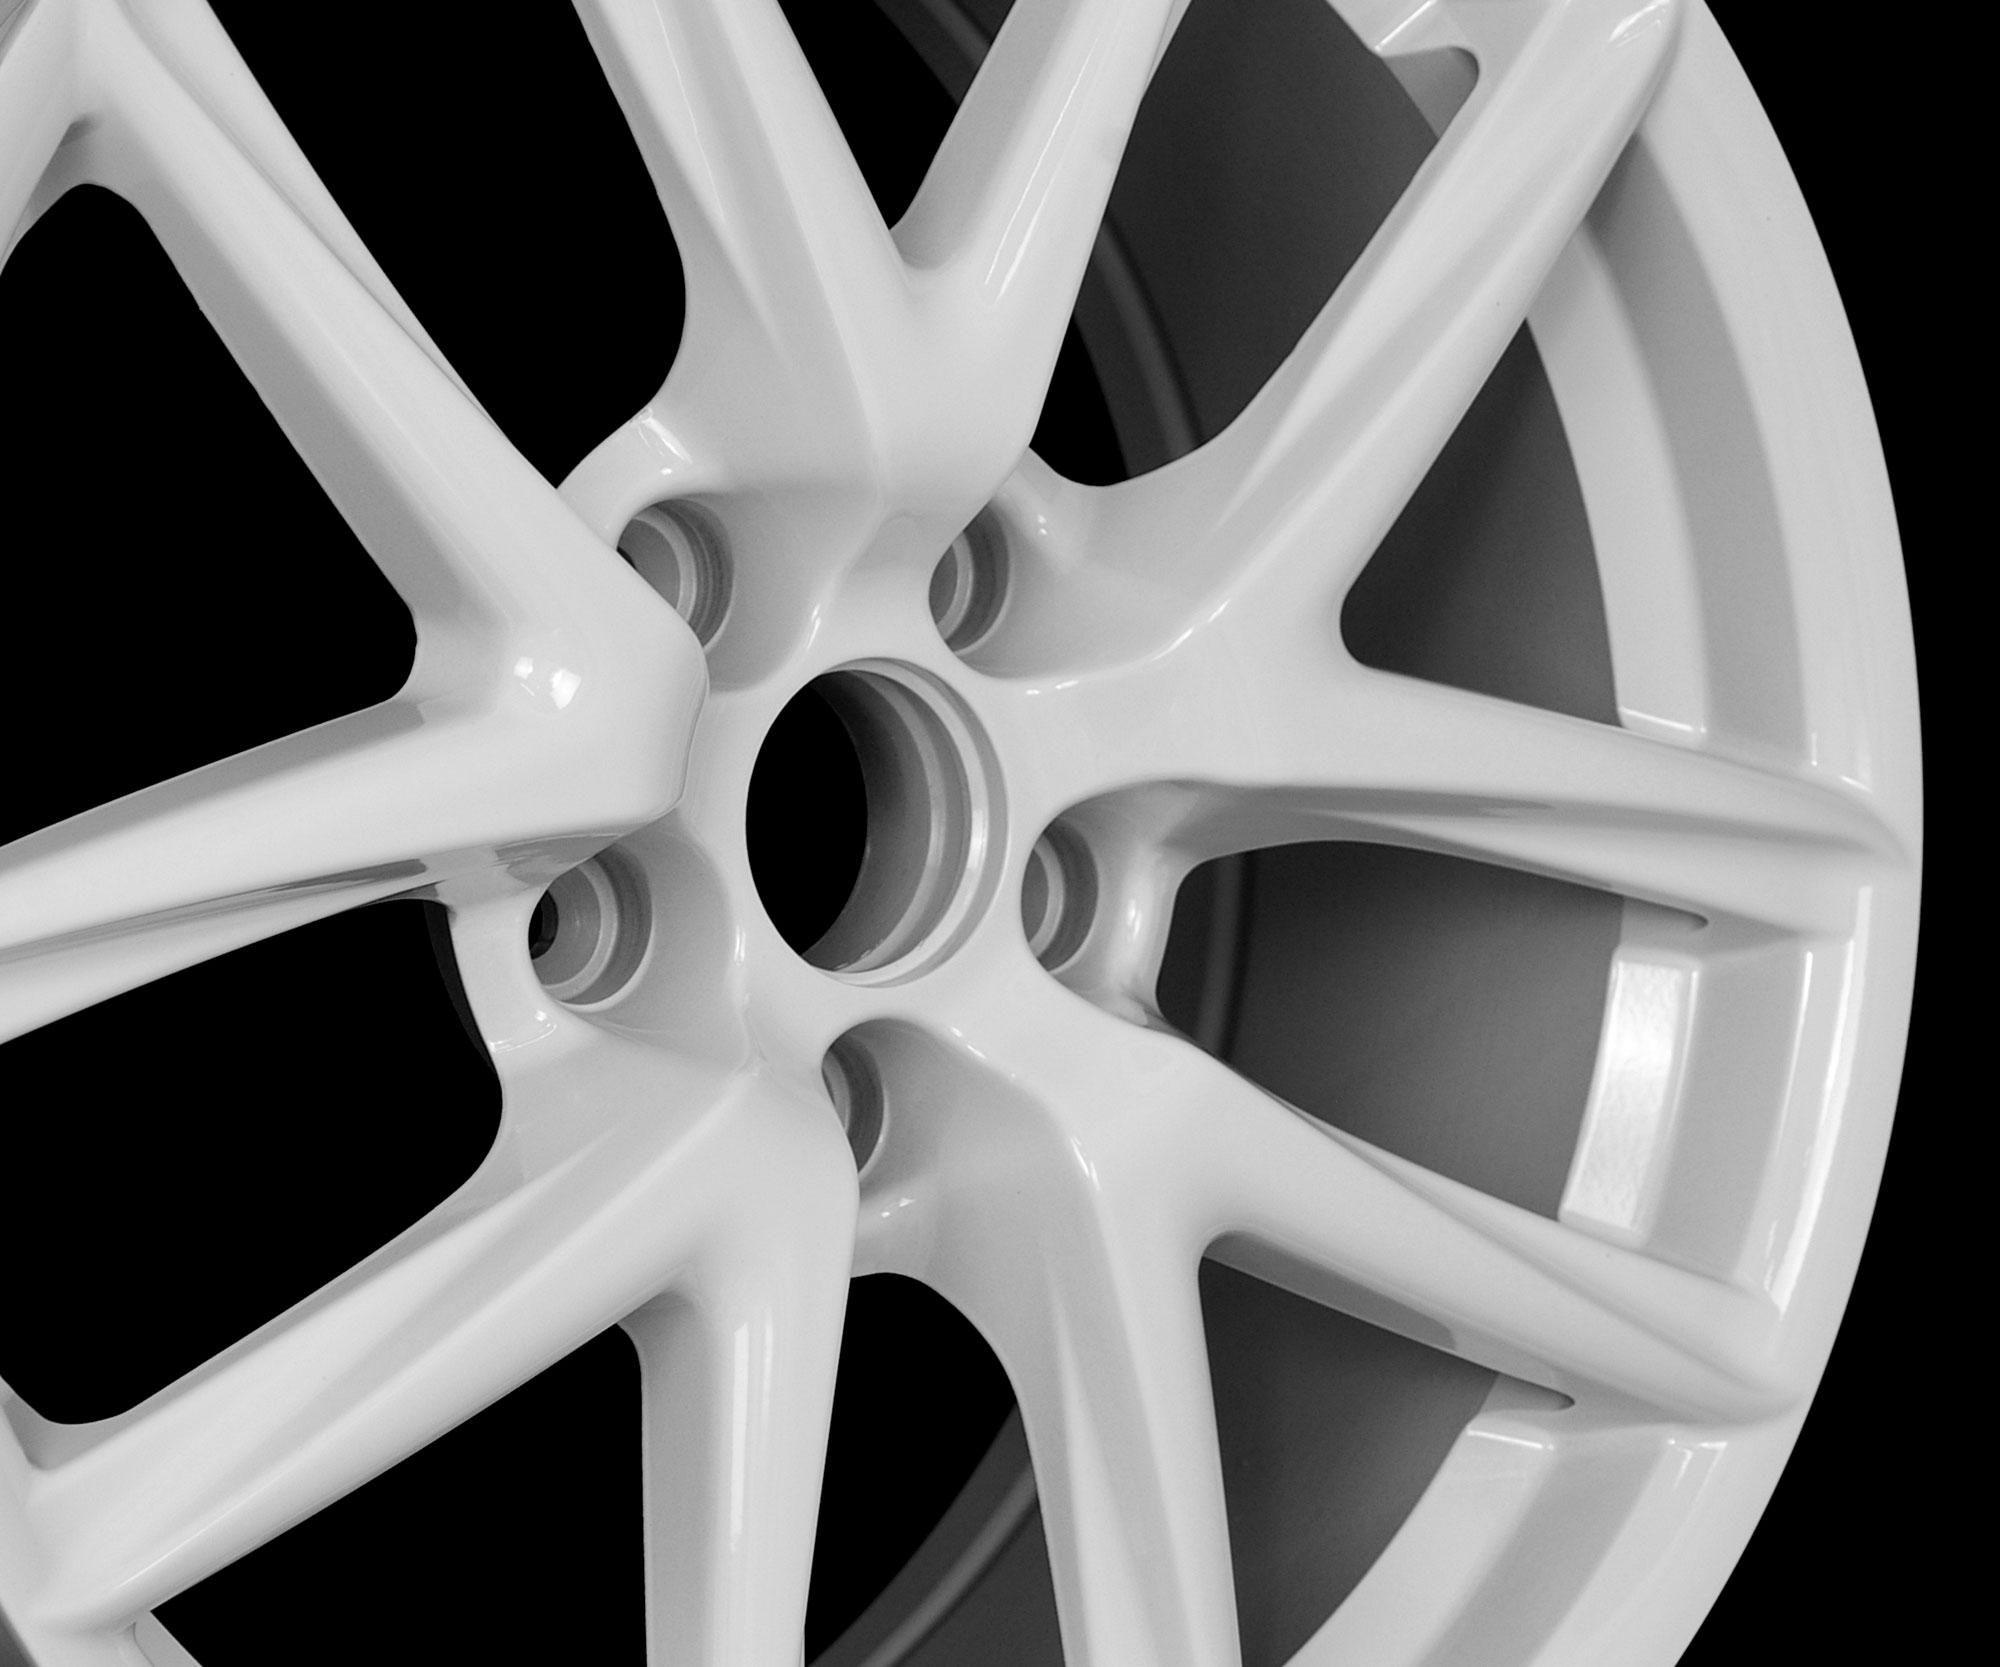 18 LFA Style White Wheels Rims Fit Infiniti G35 G37 Q45 MDX 2001 2006